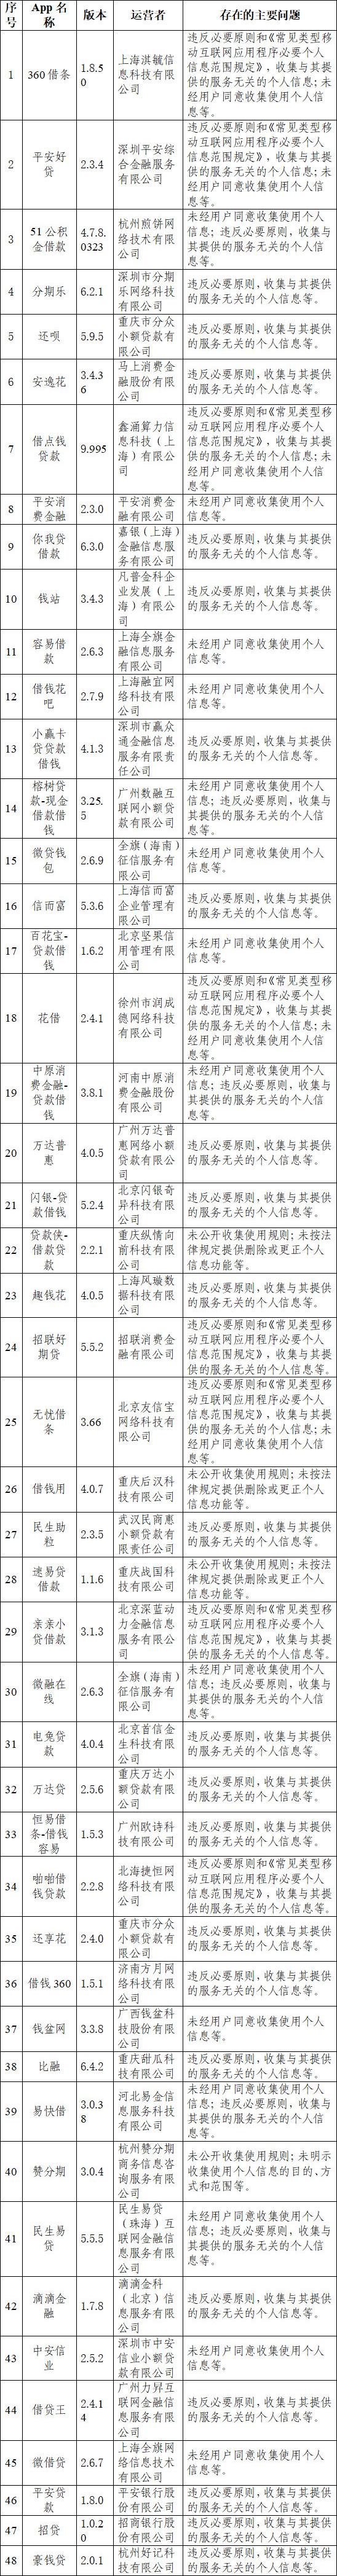 网信办通报48家网络借贷类APP涉4大类个人信息违规